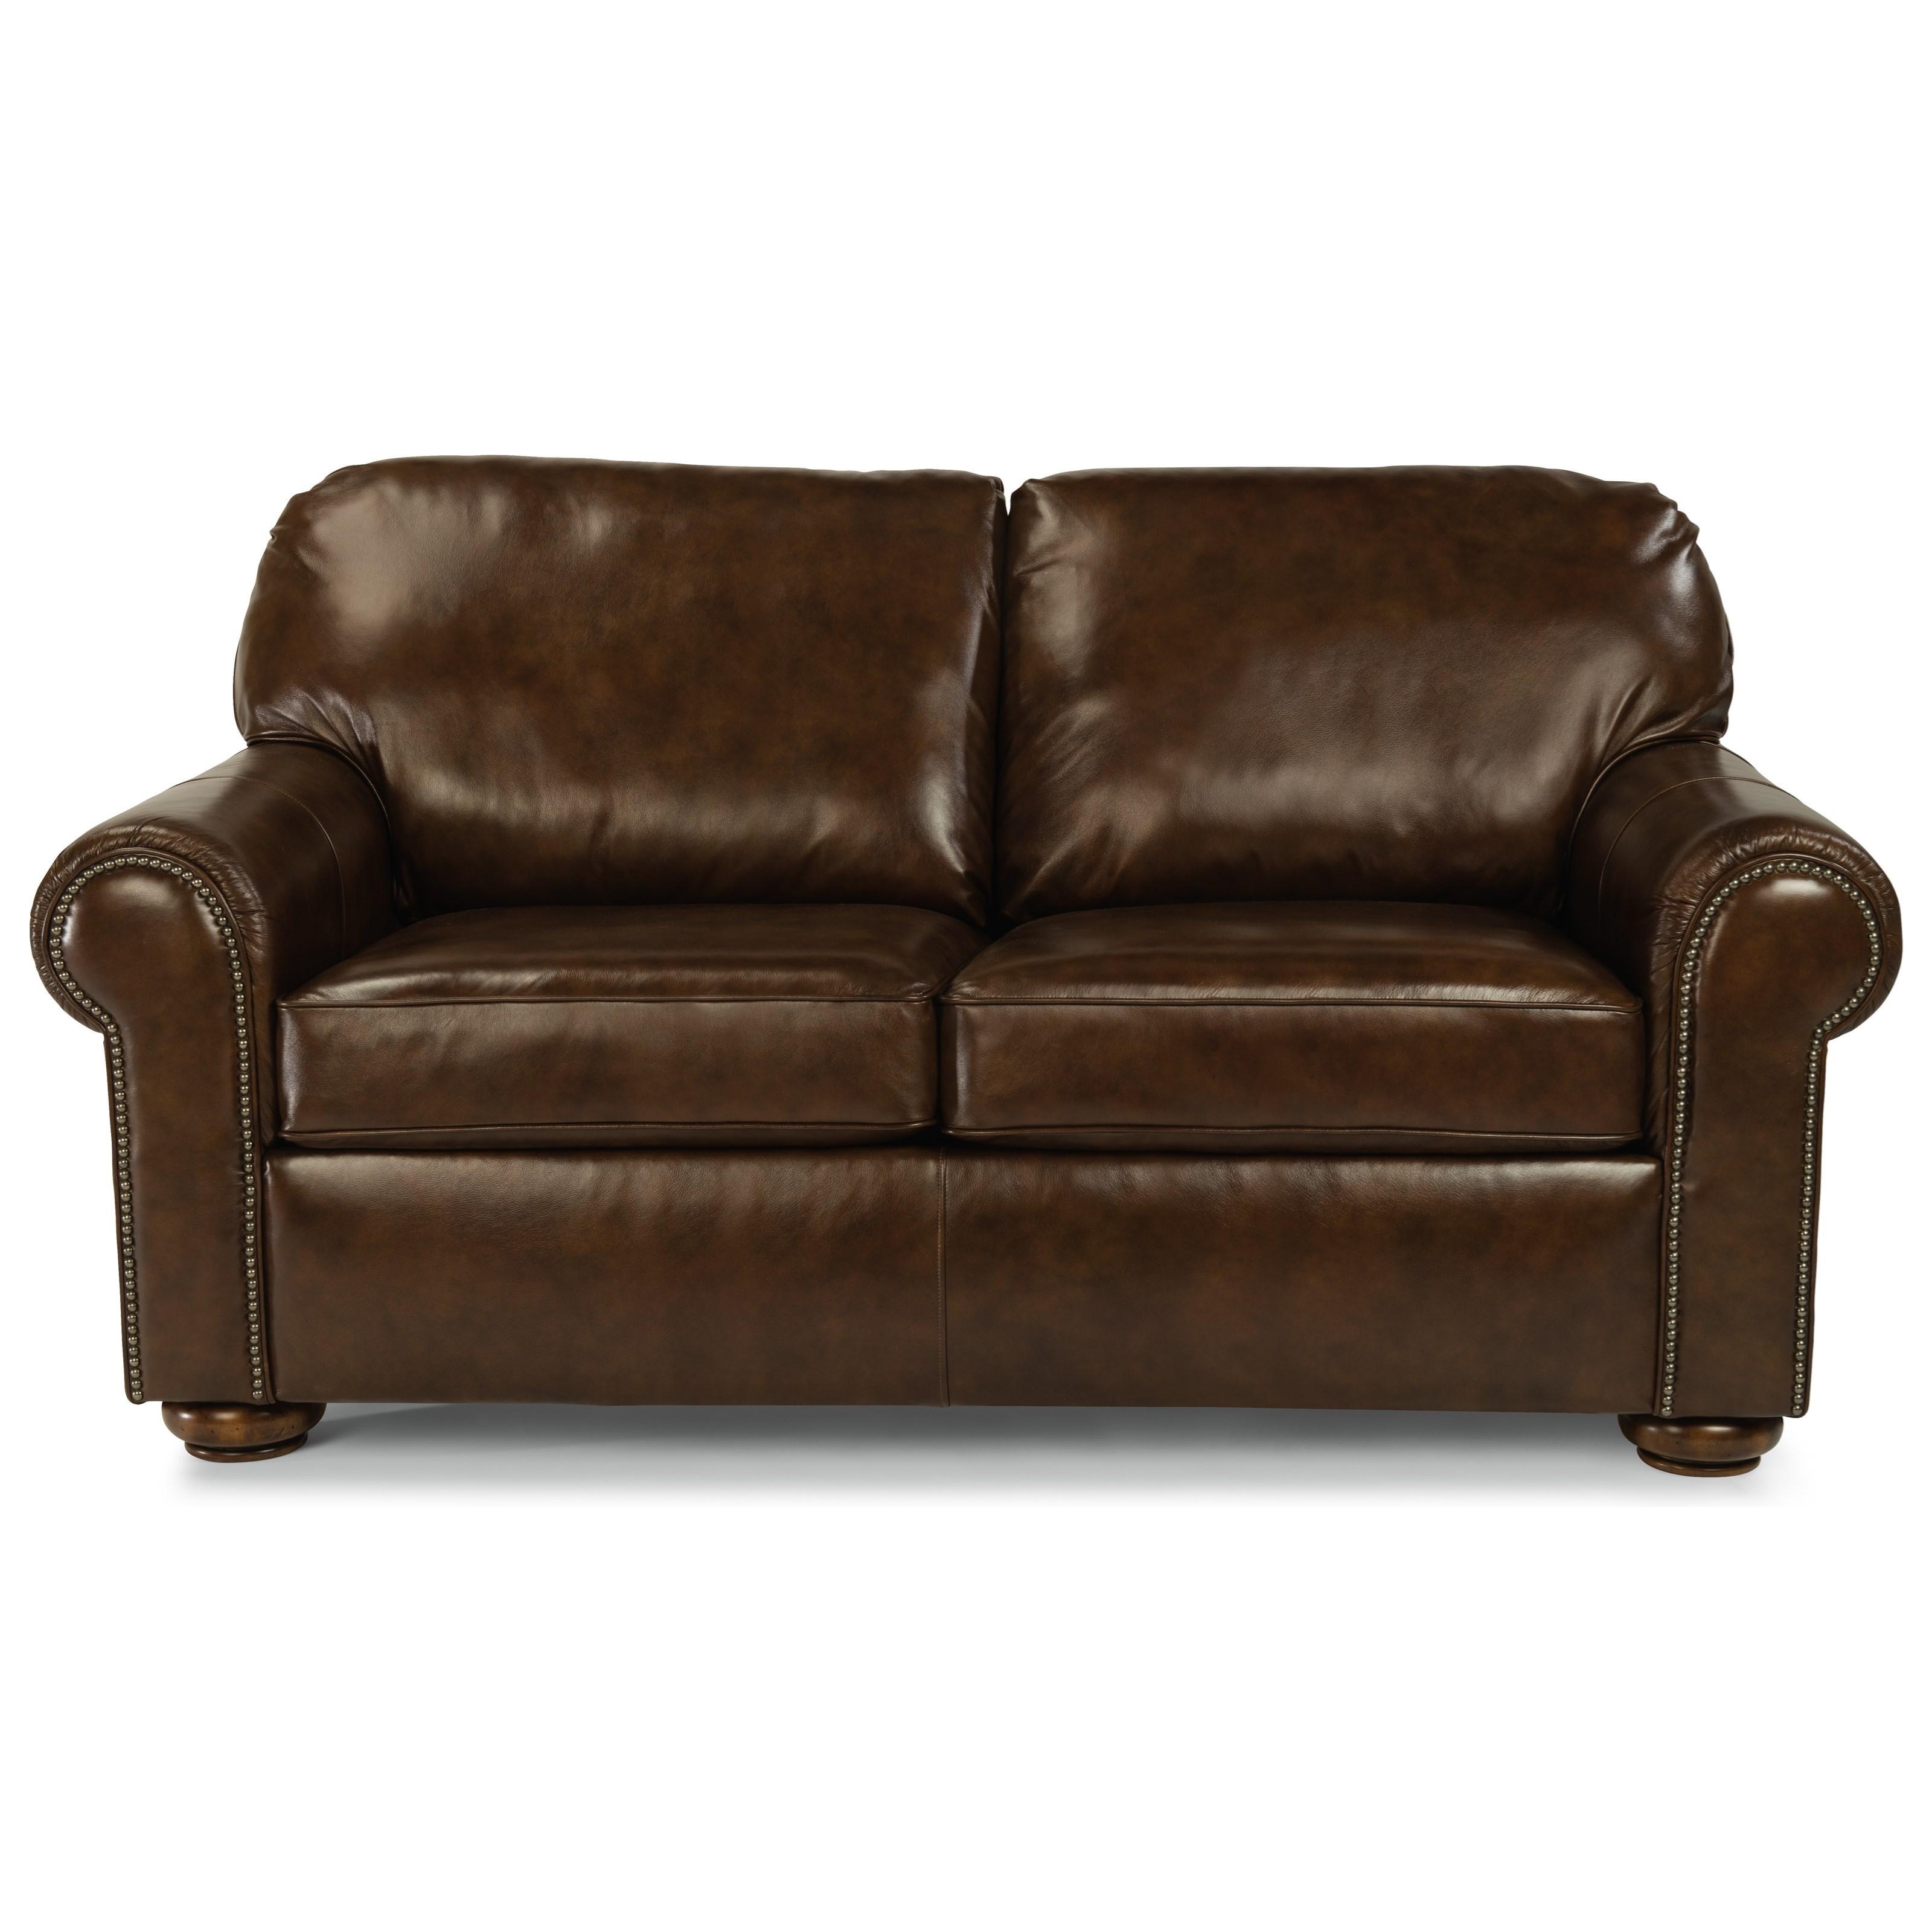 Superieur Flexsteel PrestonFull Sleeper Sofa ...